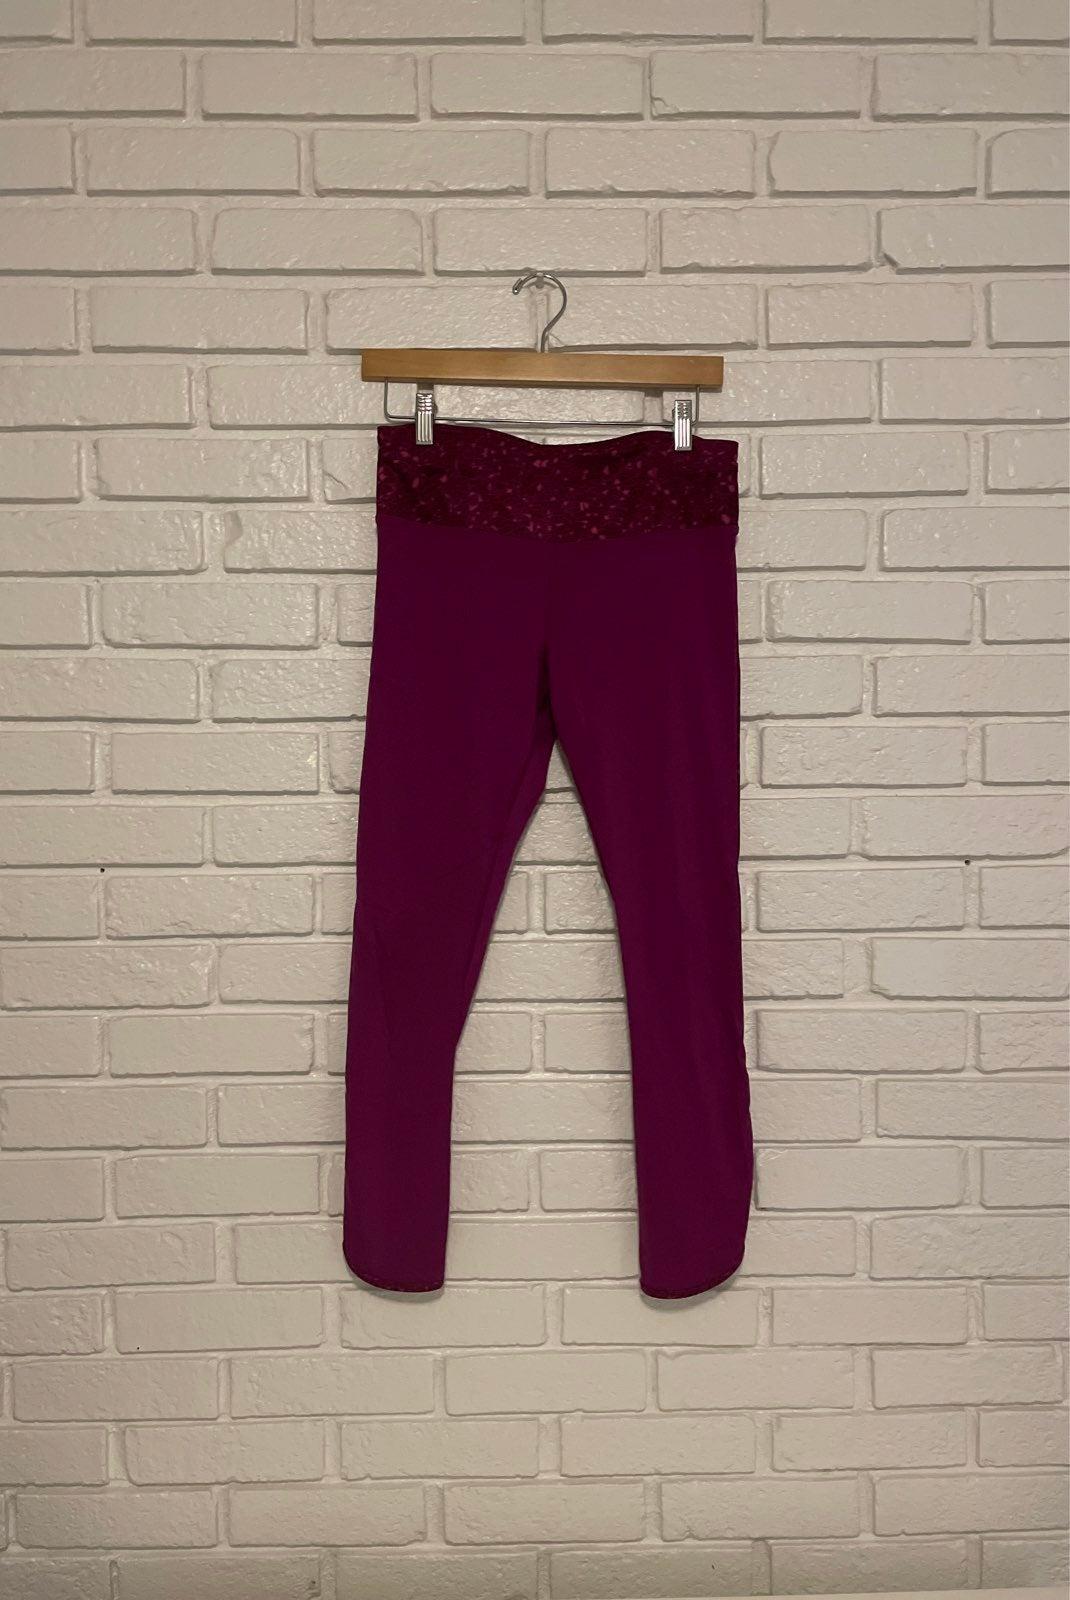 Lululemon 7/8 leggings size 8